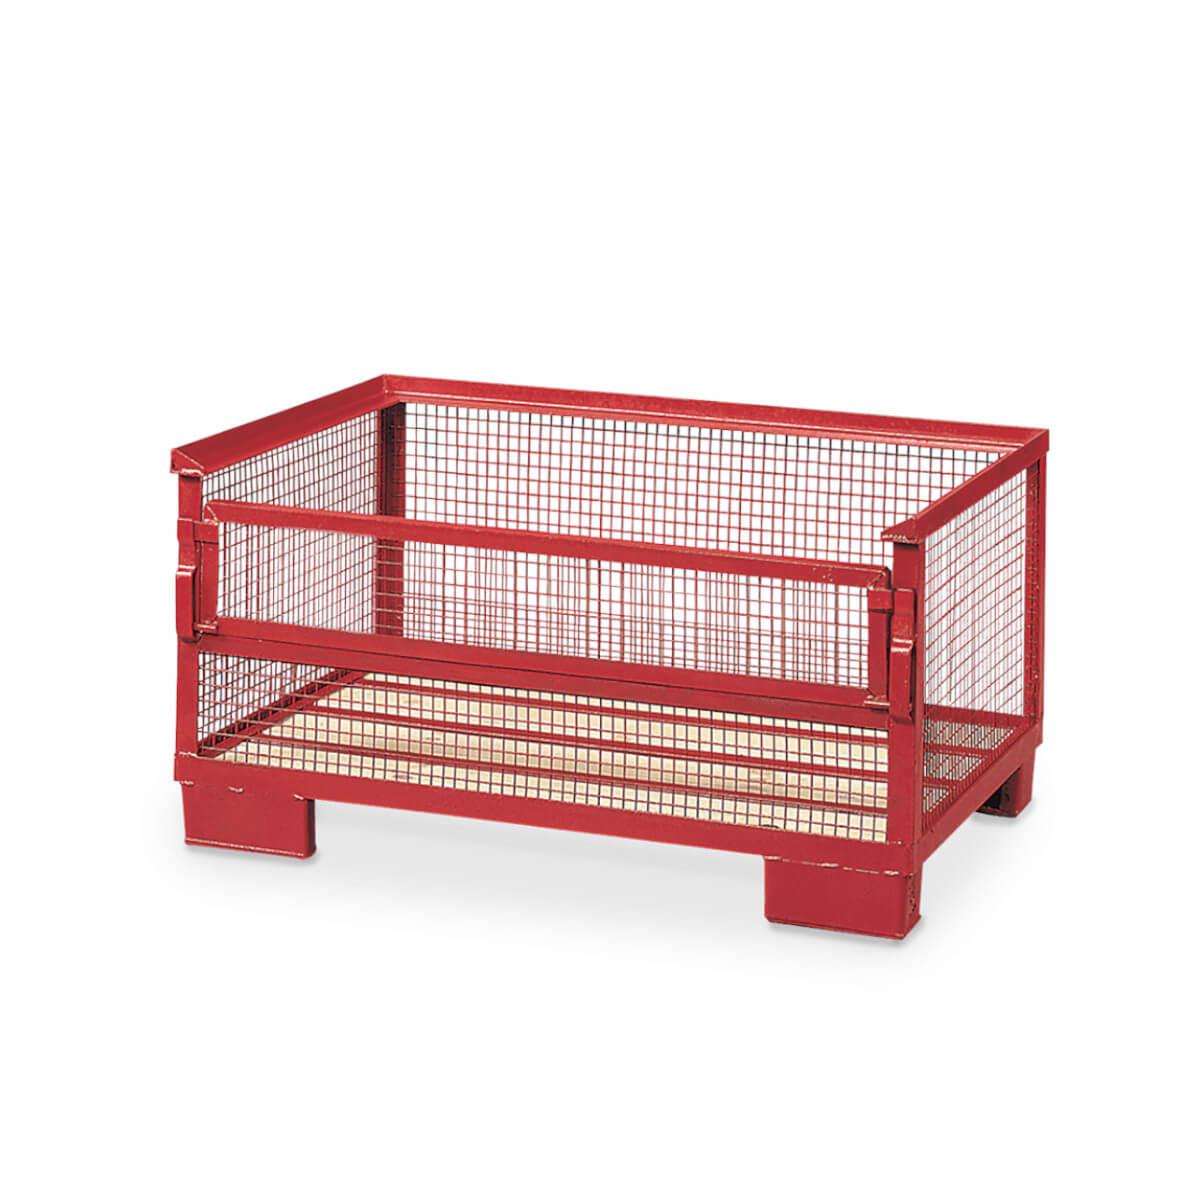 Halbhohe Gitterbox mit einer Klappe und Holzboden in rot